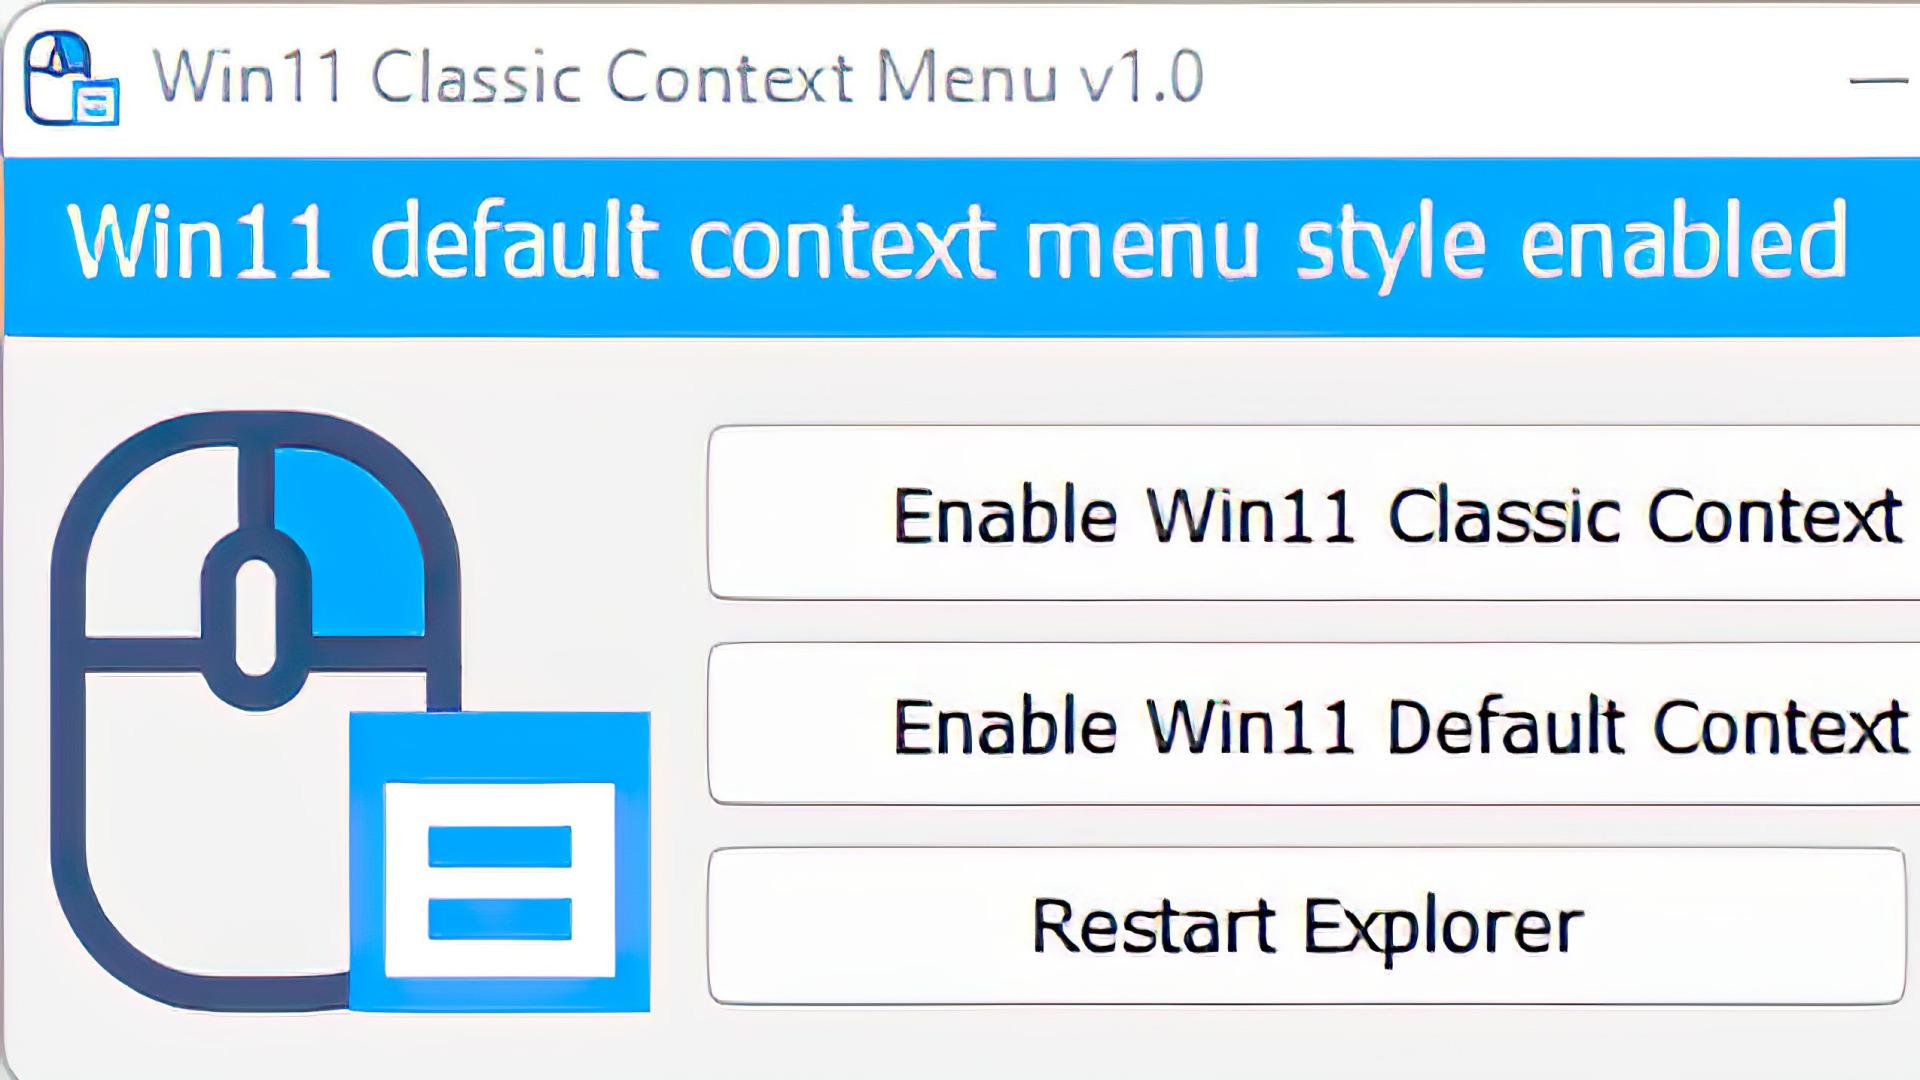 Windows 11, Kontextmenü, Windows 11 Classic Context Menu, W11ClassicMenu